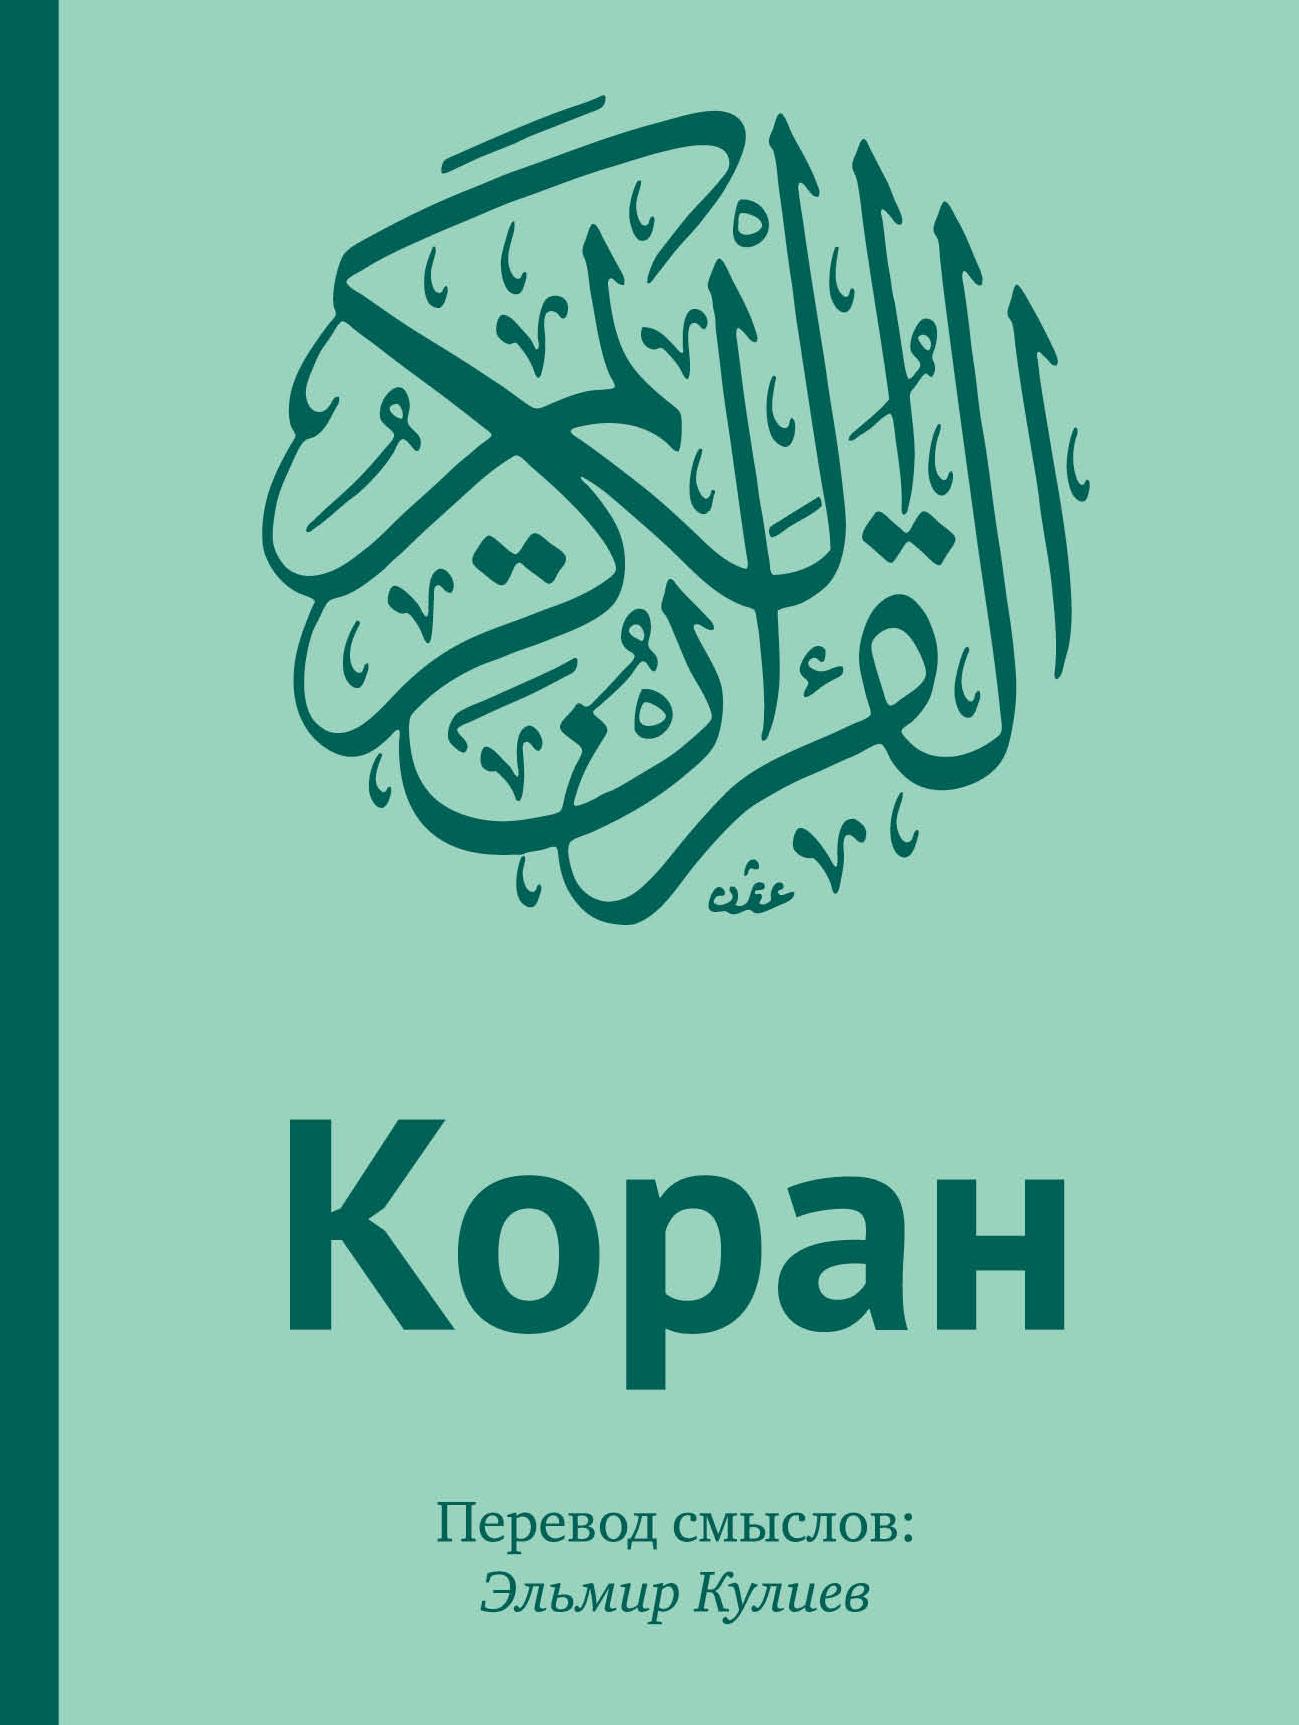 Фото #1: Коран: Перевод смыслов (подарочный ПВХ+коробка+дощечка)